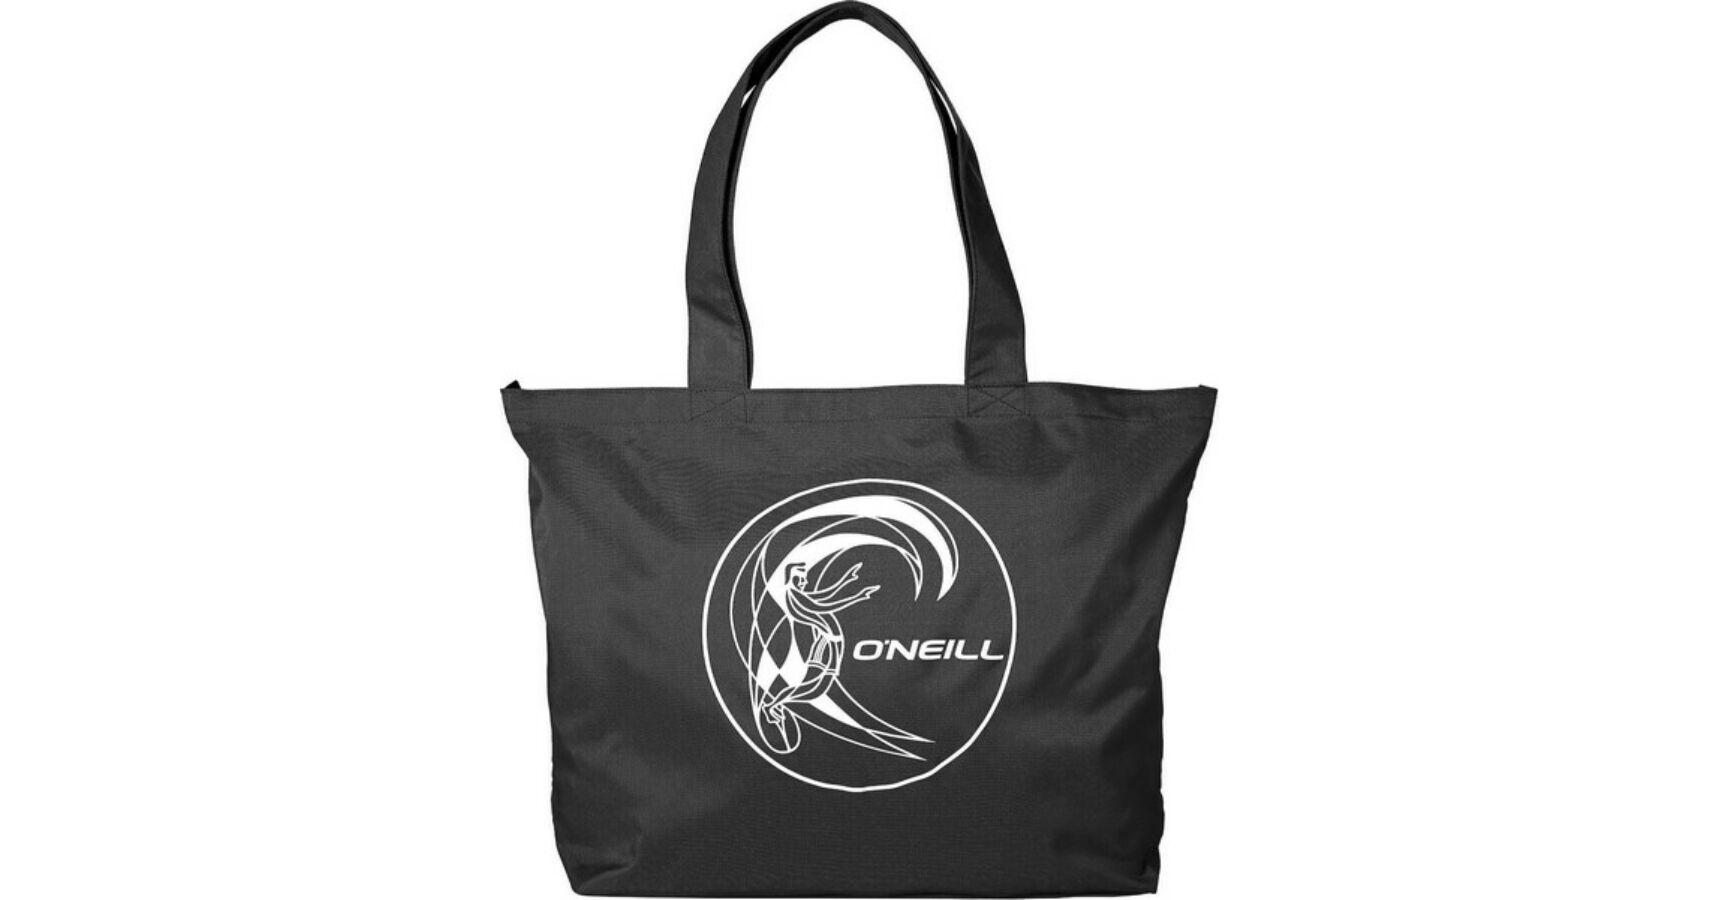 b71b7d938dde oneill nõi táska - divat - fitness táska 8a9016-9010 - méret: NS - Női táska  - Etáska - minőségi táska webáruház hatalmas választékkal